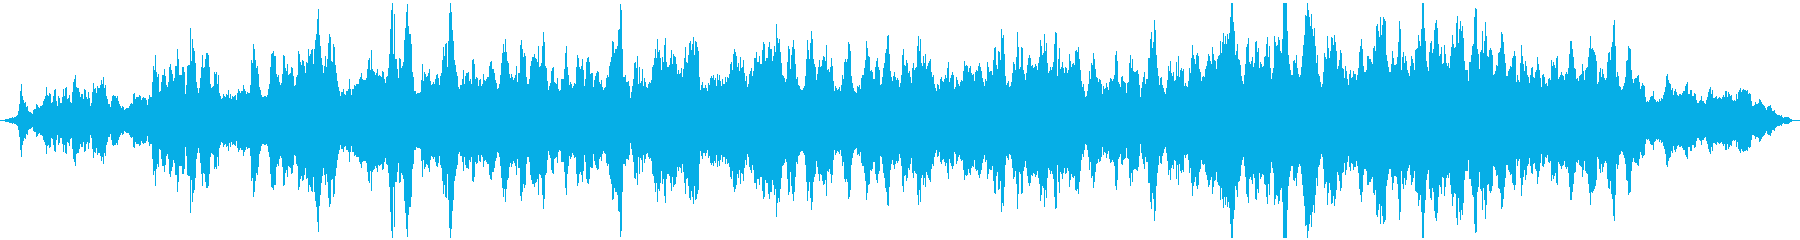 幻想的なヒーリングサウンドの再生済みの波形